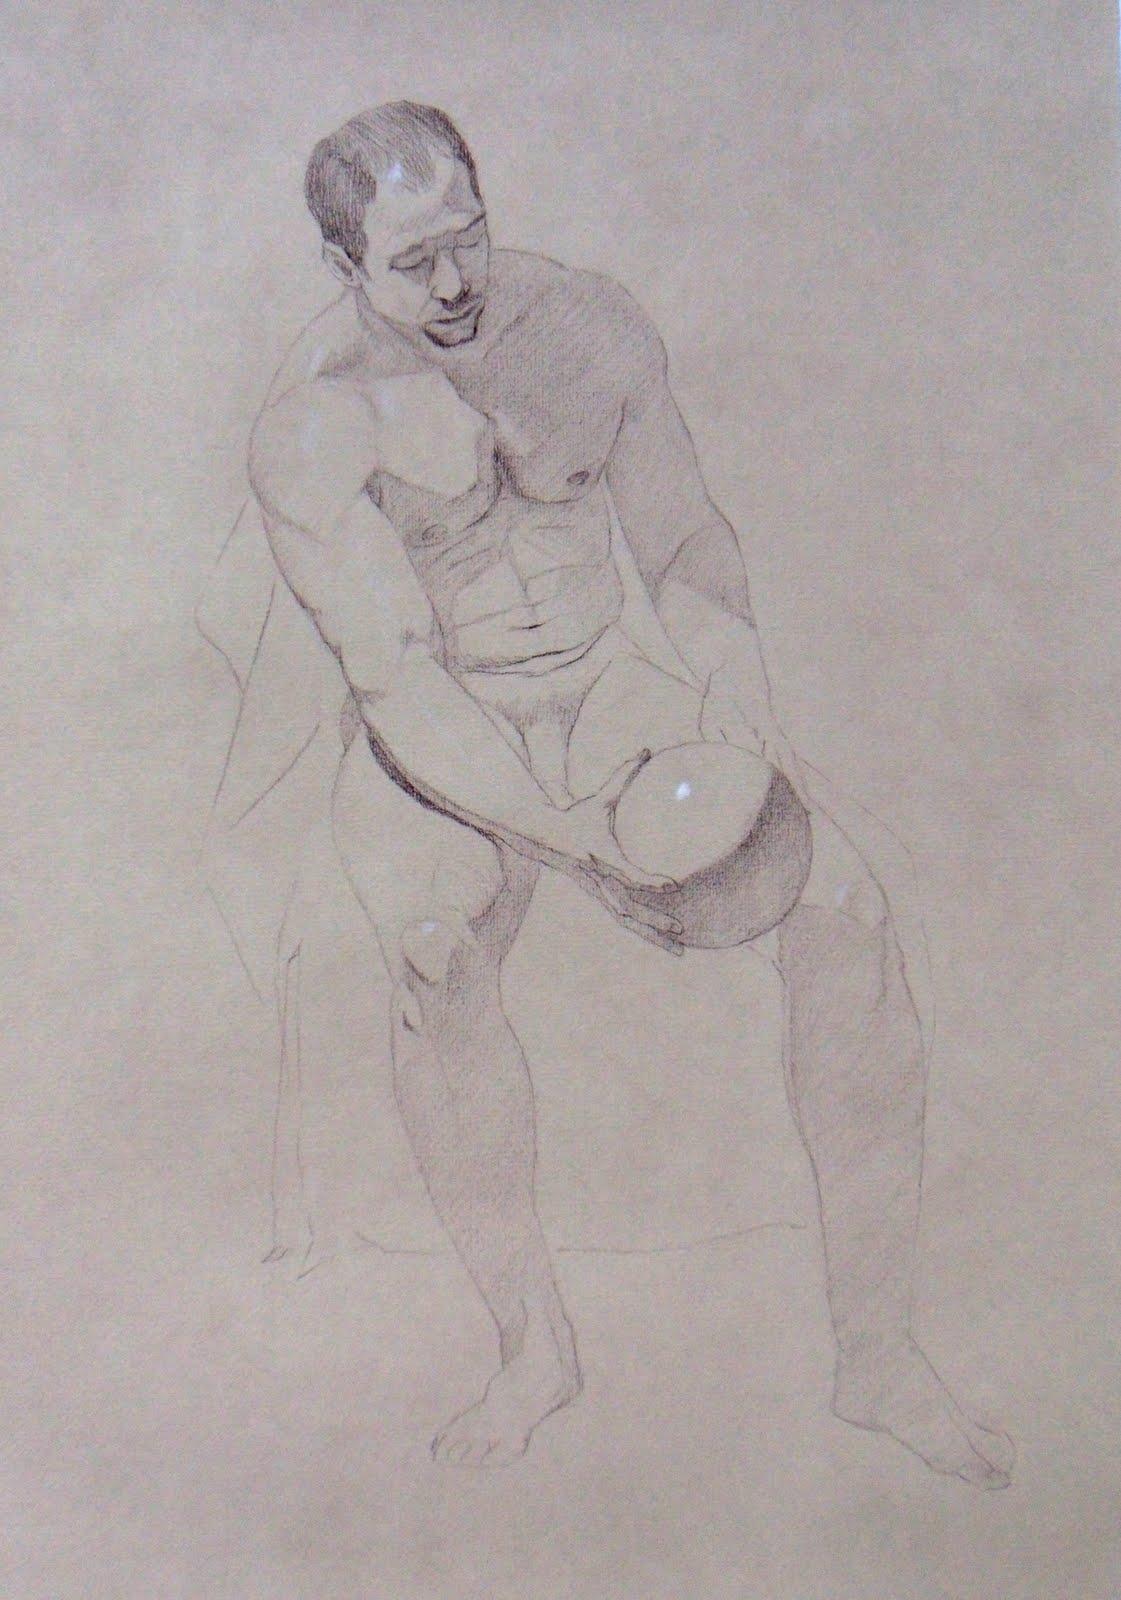 http://2.bp.blogspot.com/_YWKuaxMiQ-I/TFiZymUh_2I/AAAAAAAAAGQ/mIA-rwKkpM4/s1600/male+seated+holding+ball.jpg